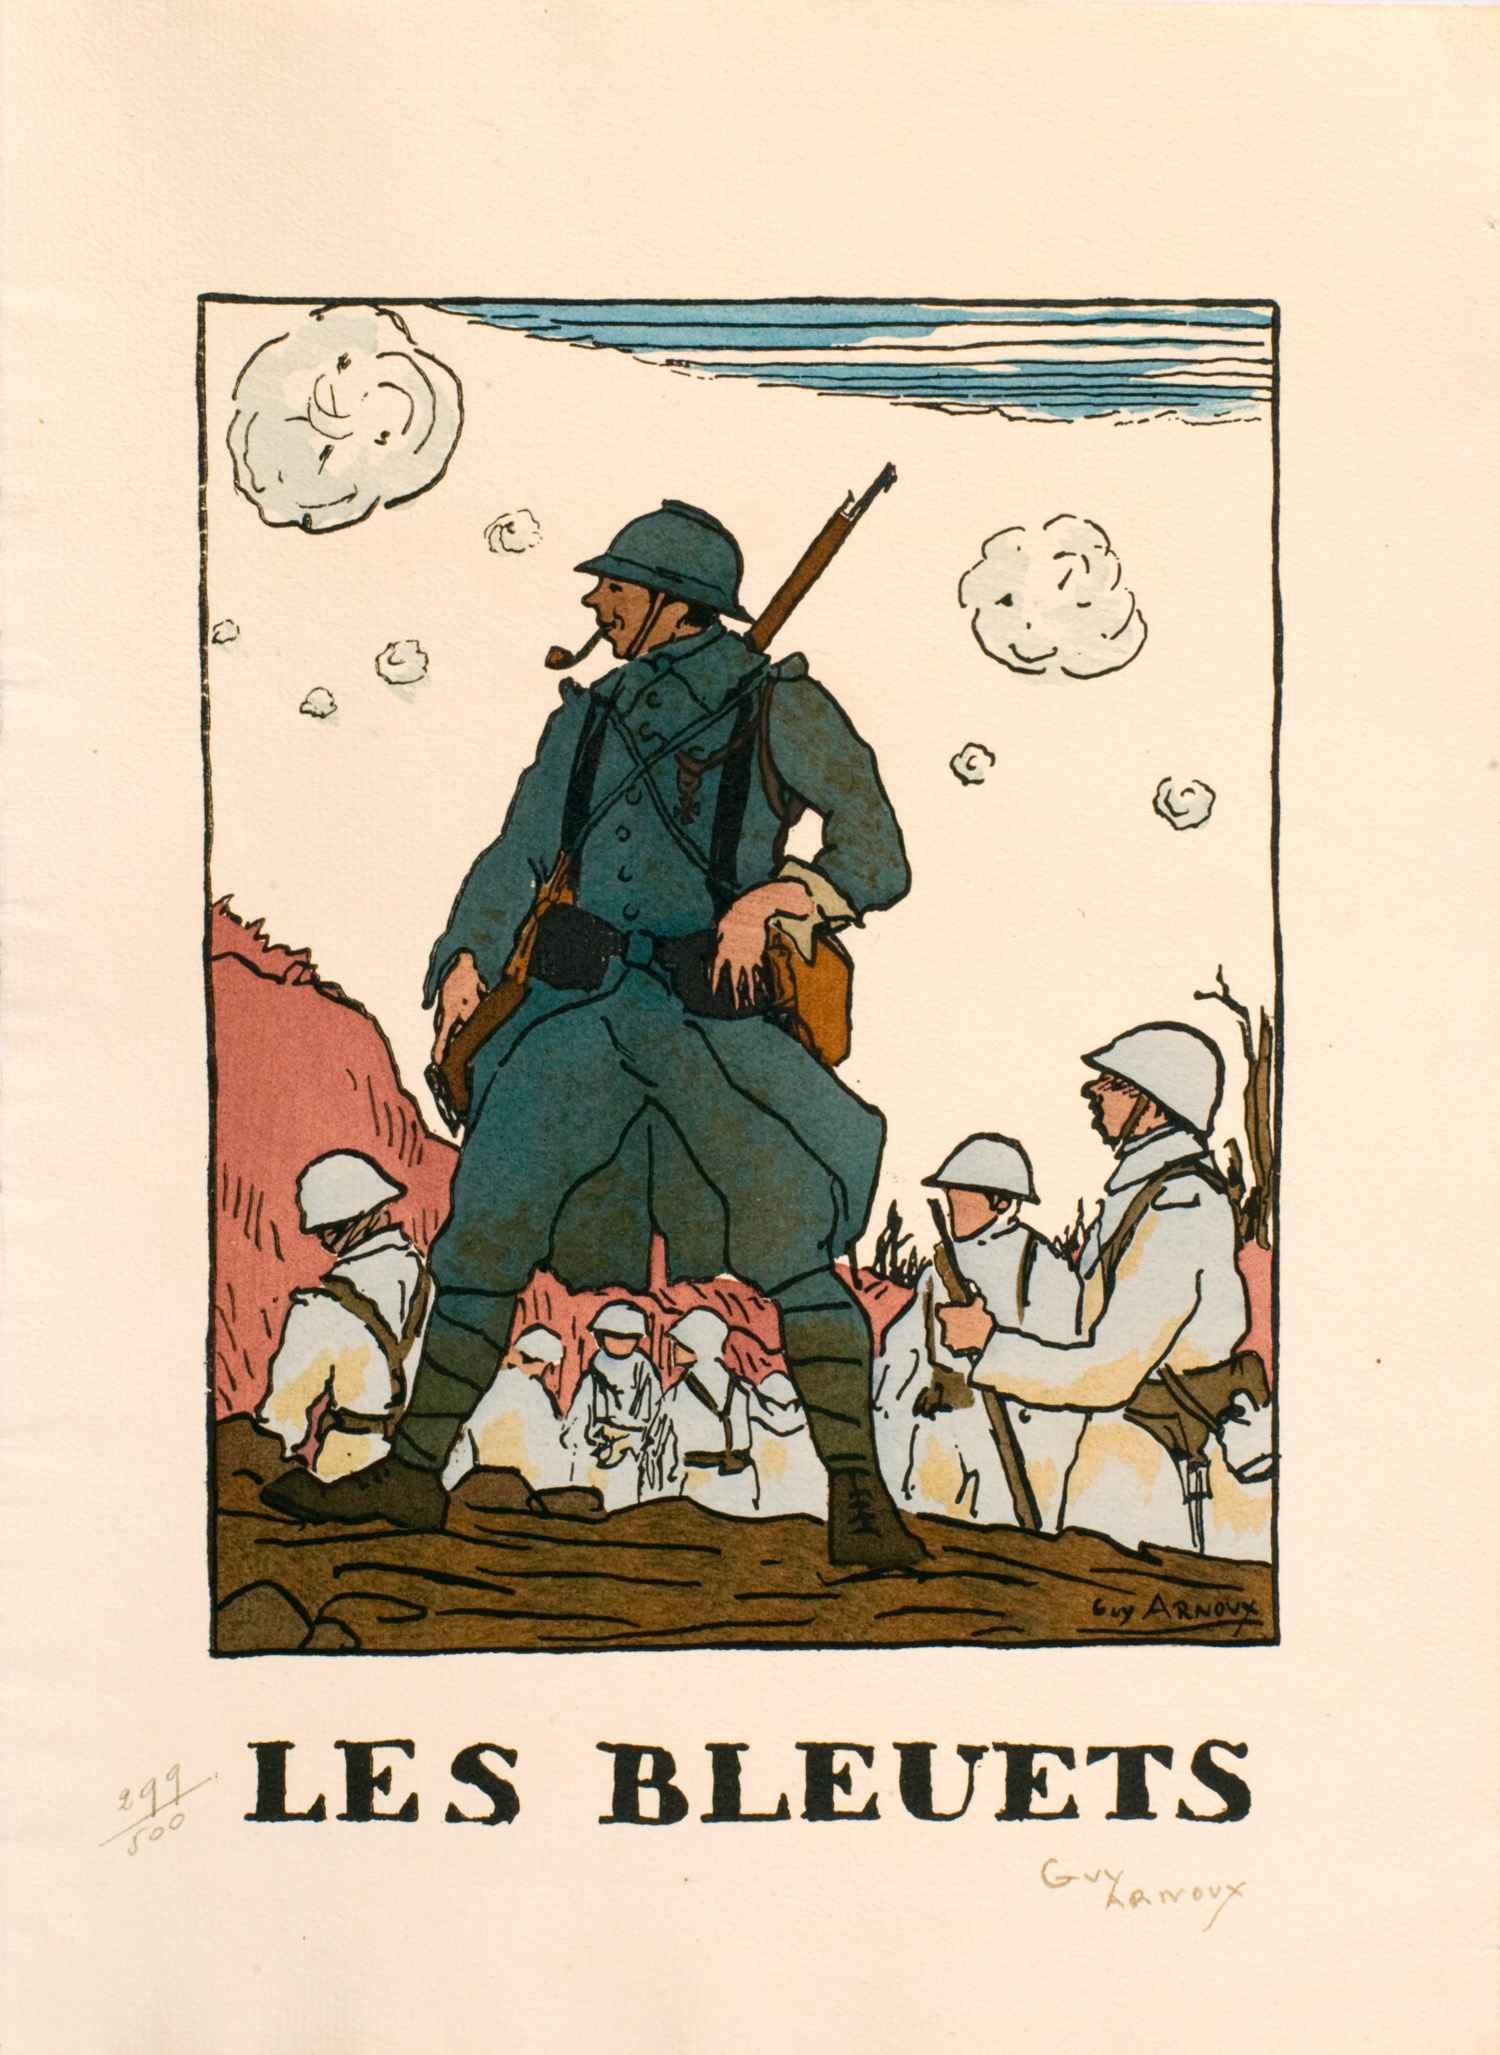 Les Bleuets | Guy Arnoux | Les jeunes héros de France